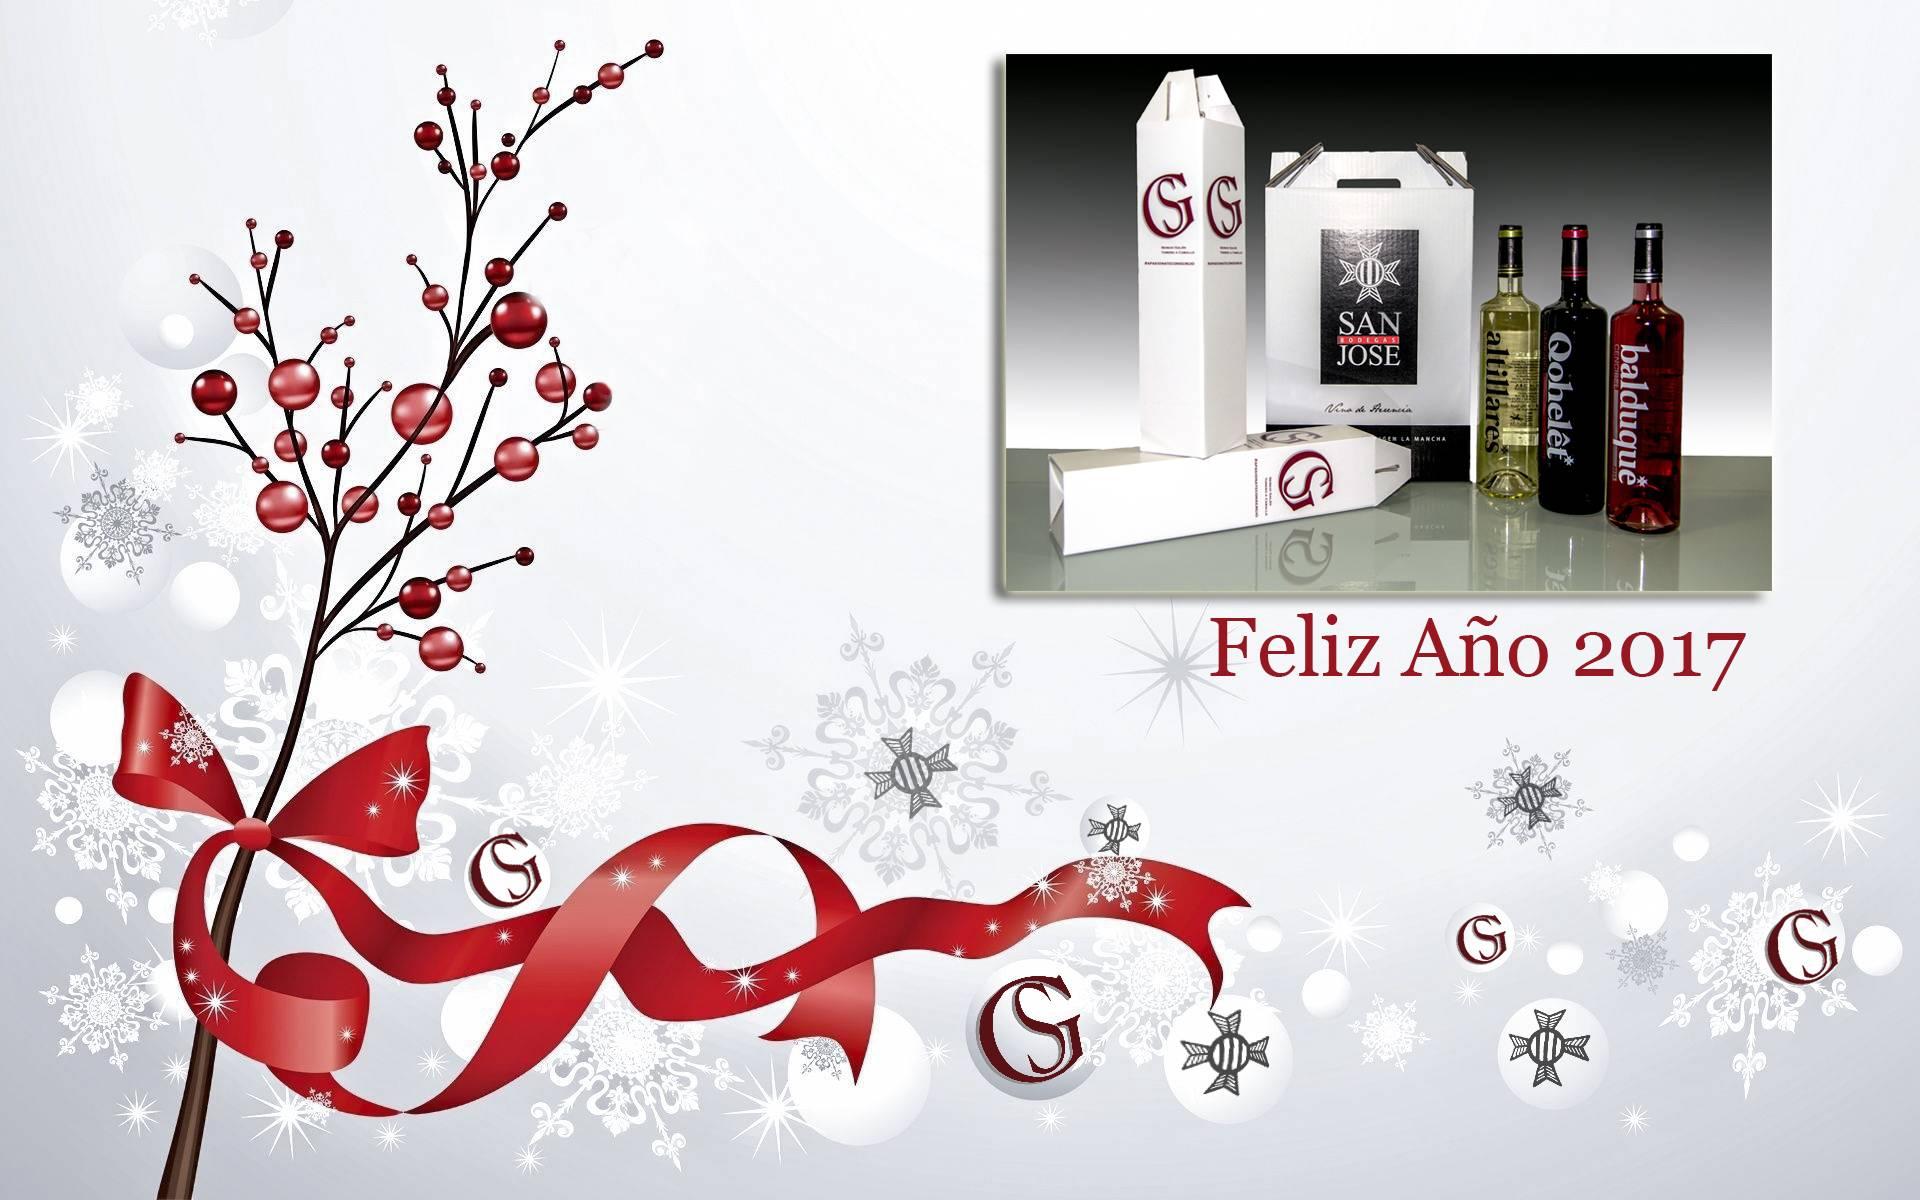 Sergio galan bodegas san jose de herencia - Sergio Galán brindará en fin de año con los vinos de Herencia